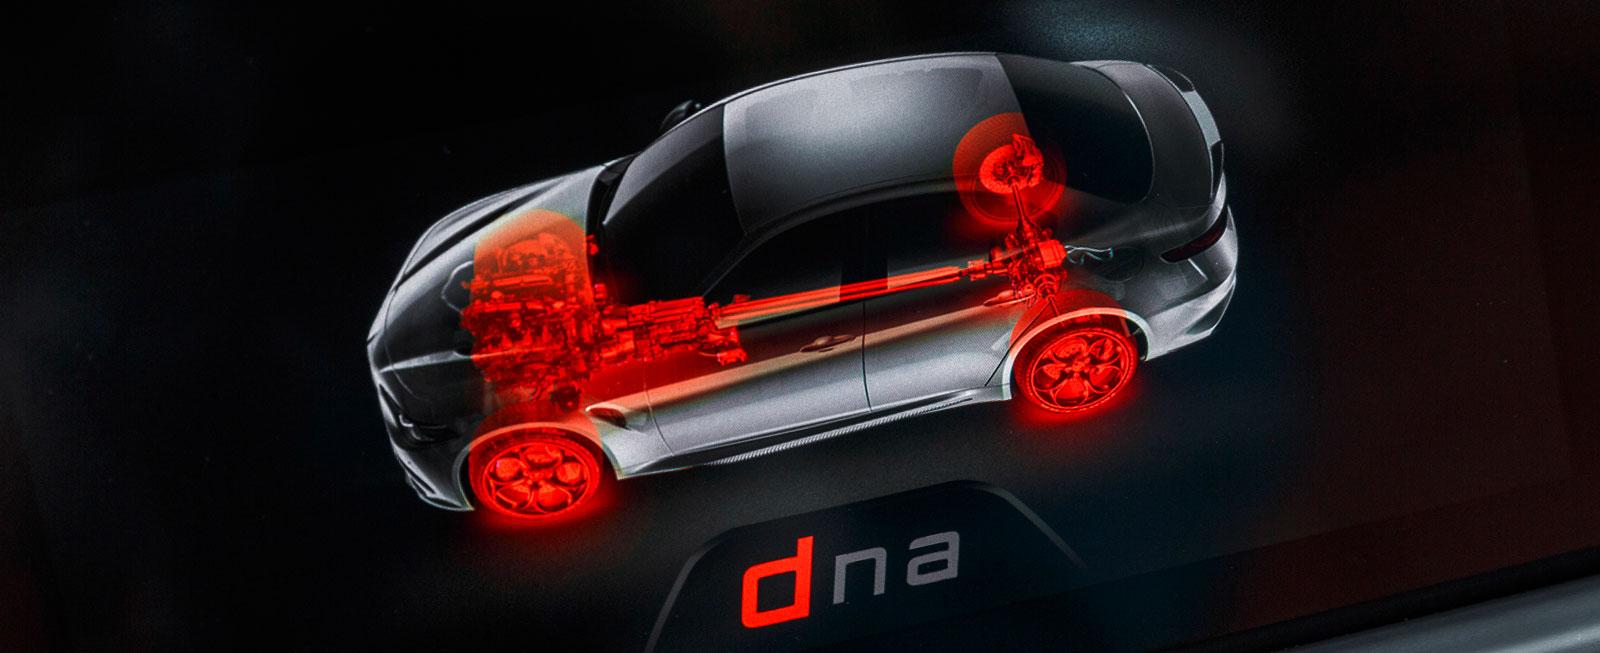 """Tre olika körlägen med Giulias """"DNA-vred"""" – men i den här bilen vill man köra på hetaste läget nästan jämt."""